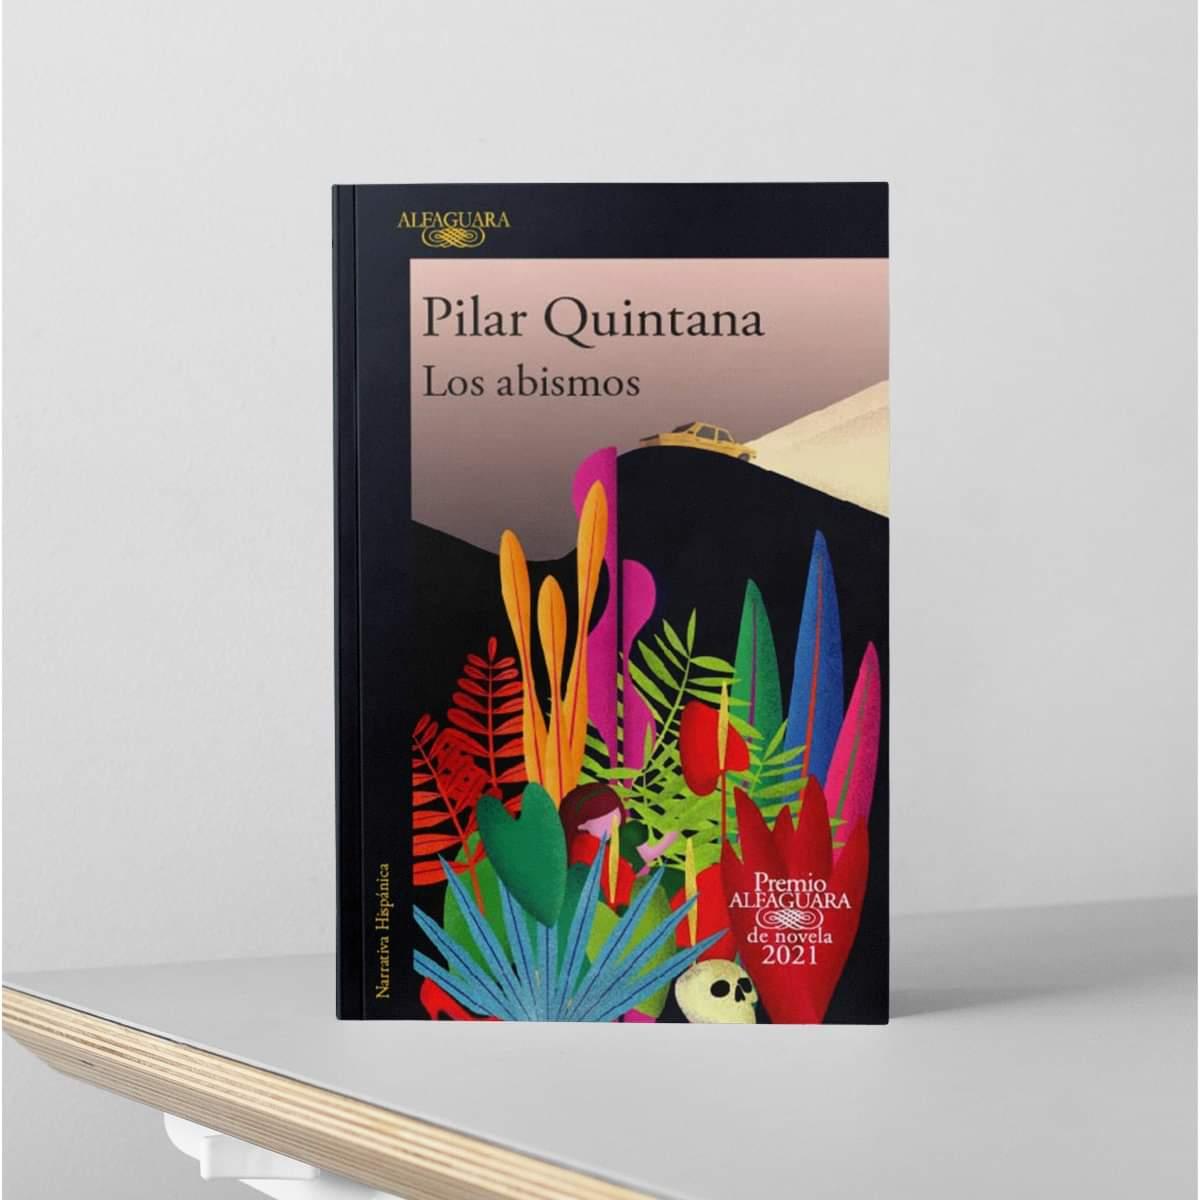 Los abismos (2021) Pilar Quintana